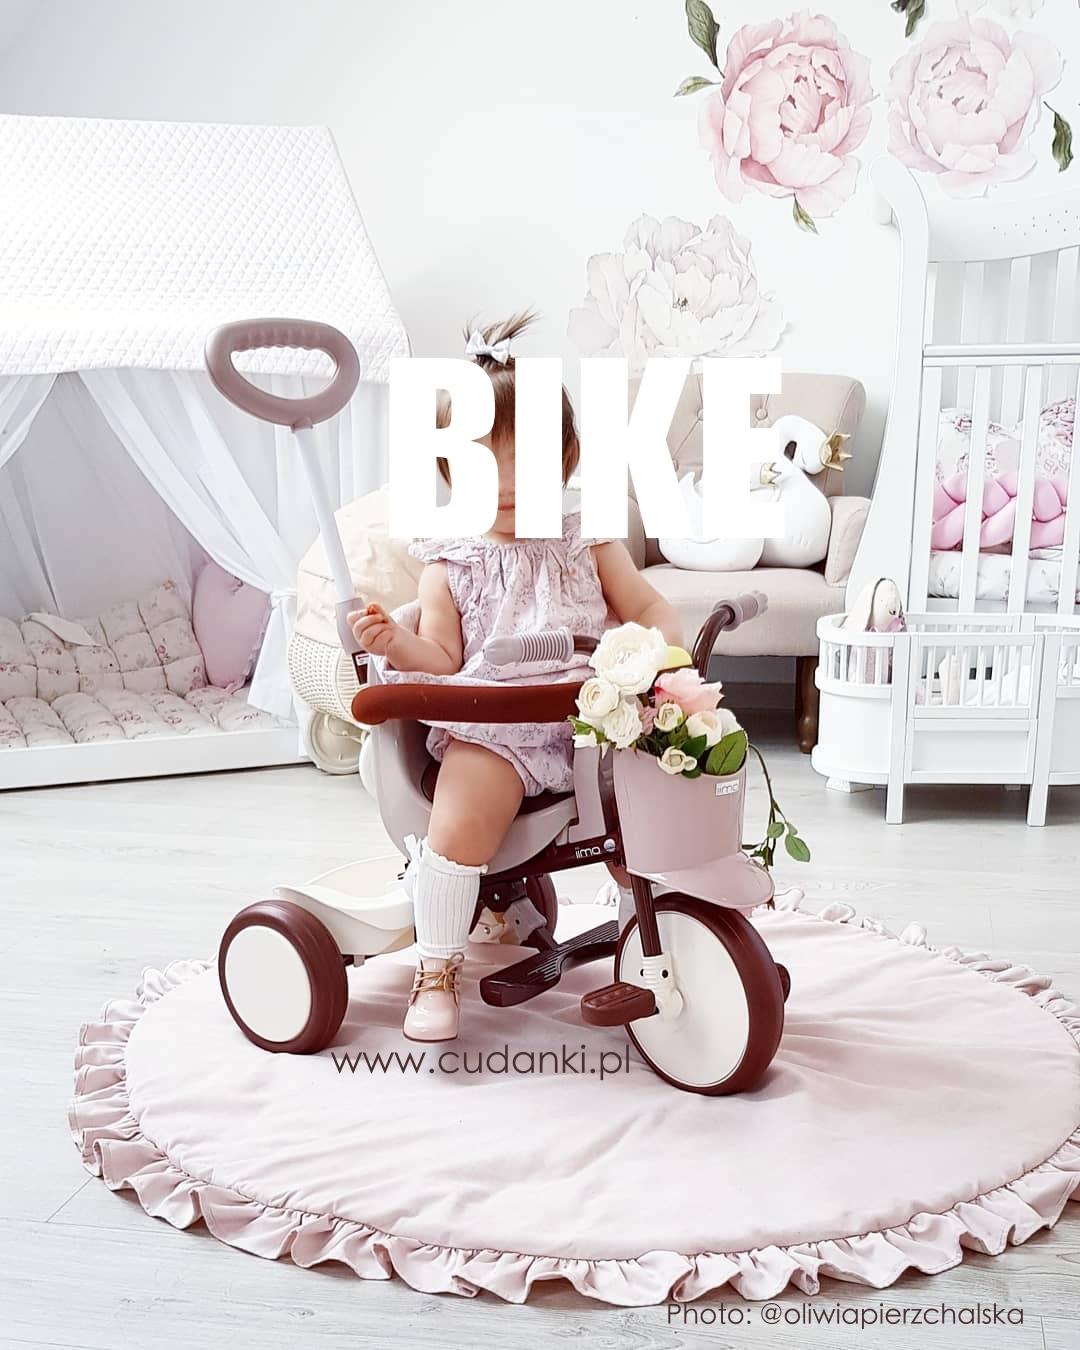 IIMO BIKE POLAND trójkołowy rower EKSKLUZYWNY rowerek Comfort Brown